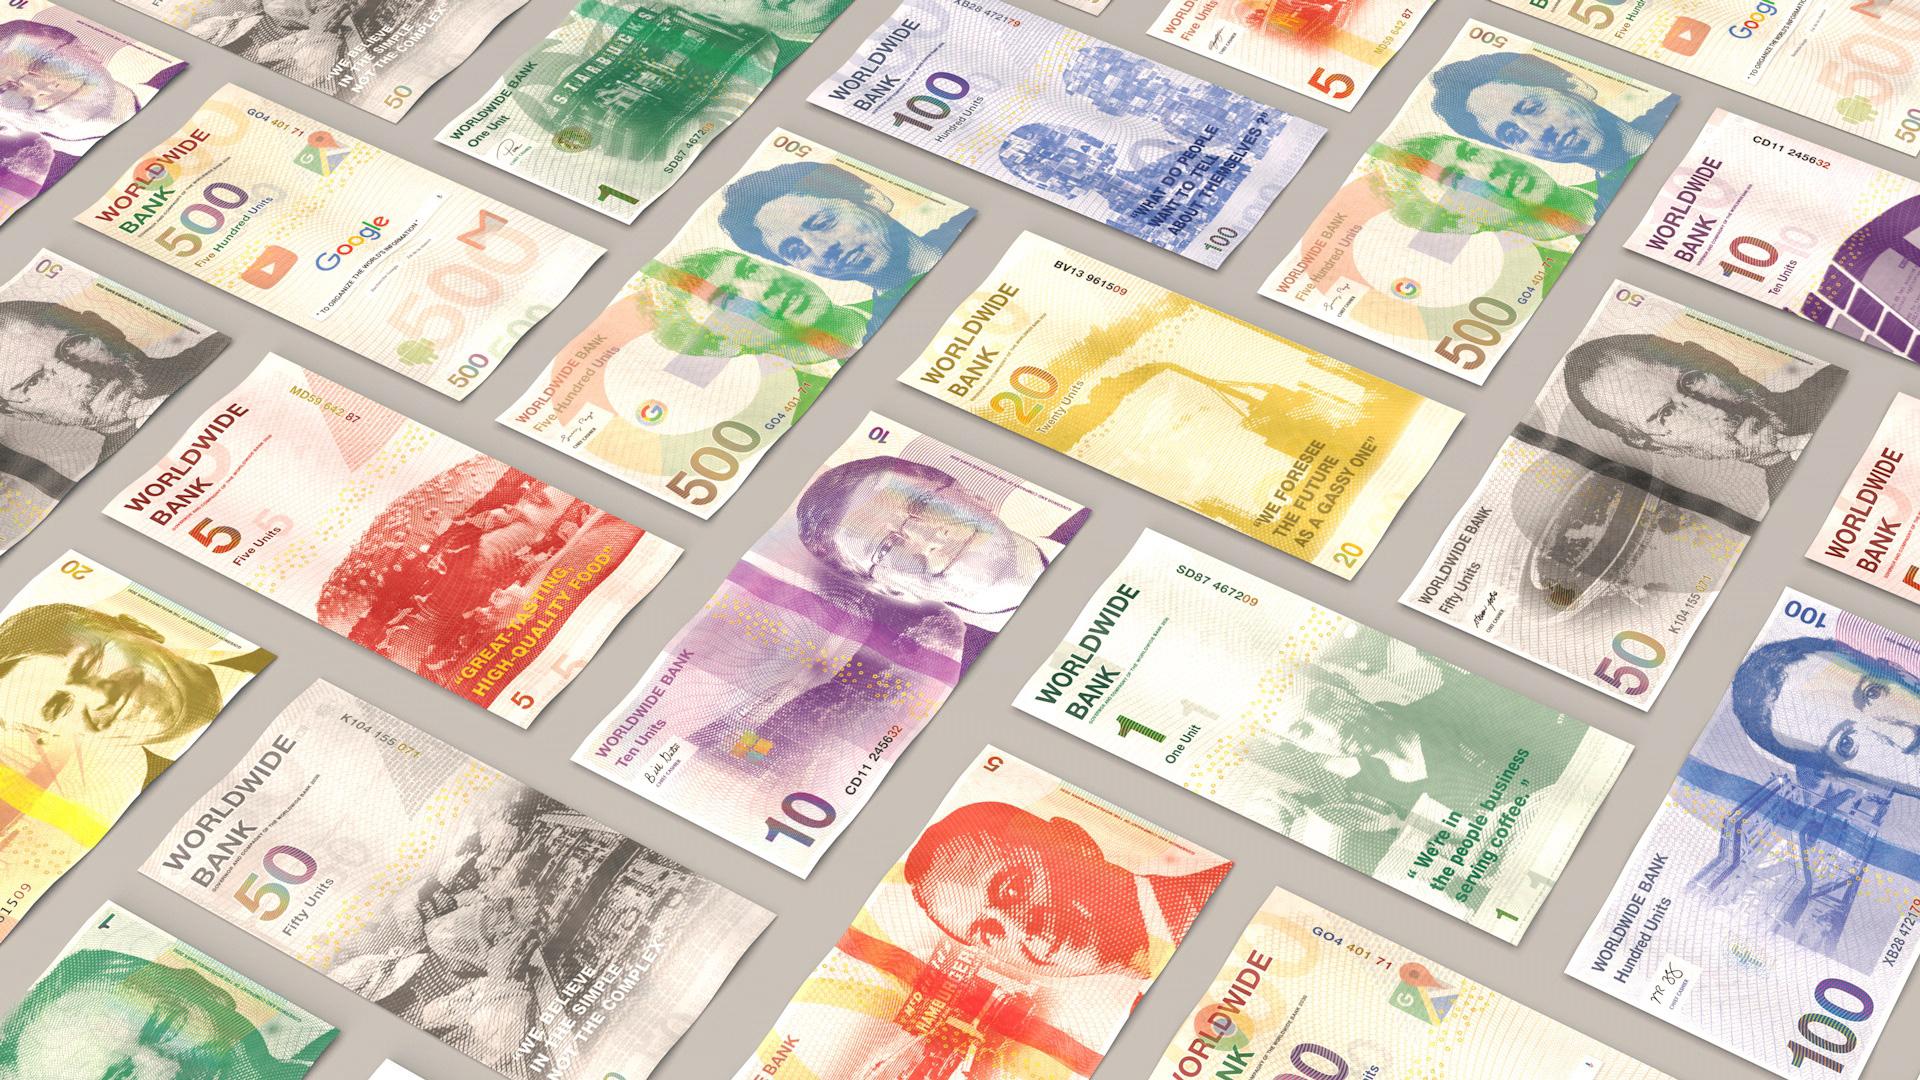 E se as marcas tivessem sua propria moeda? (15 pics)